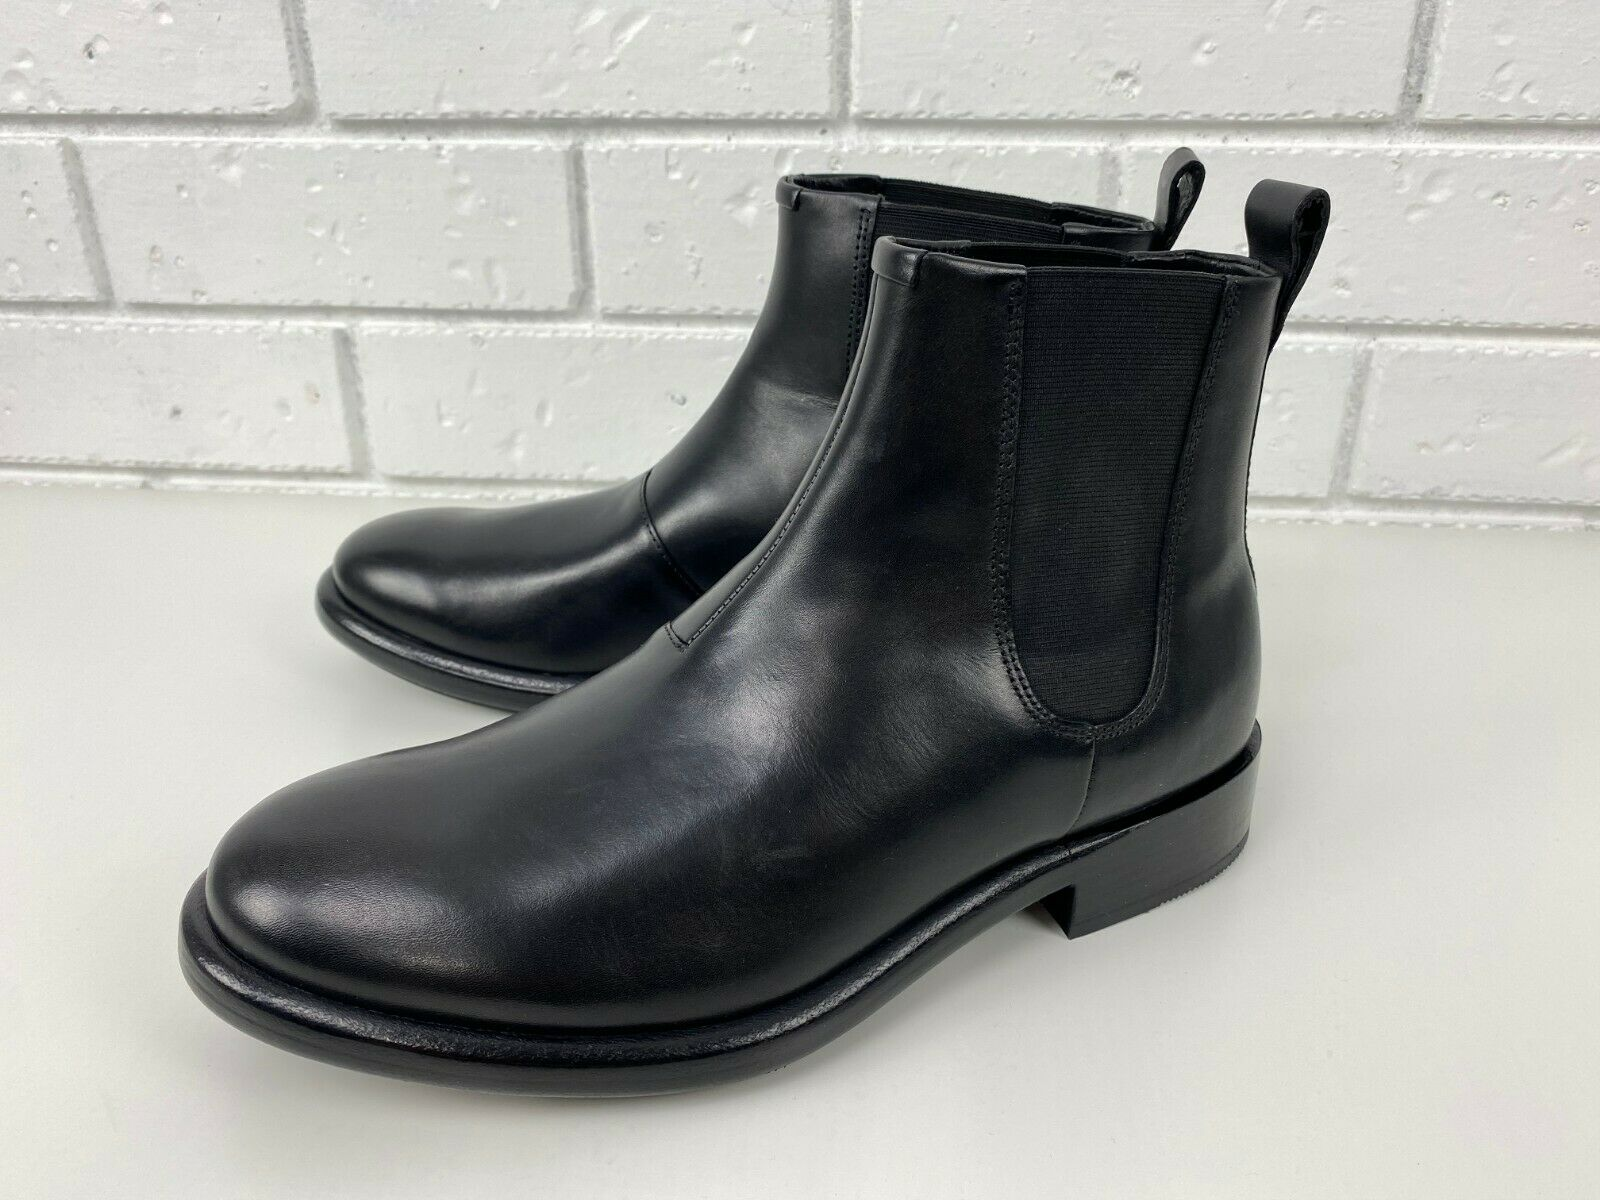 ECCO Men's Vitrus Artisan I Leather Boot in Black Size Uk 7.5